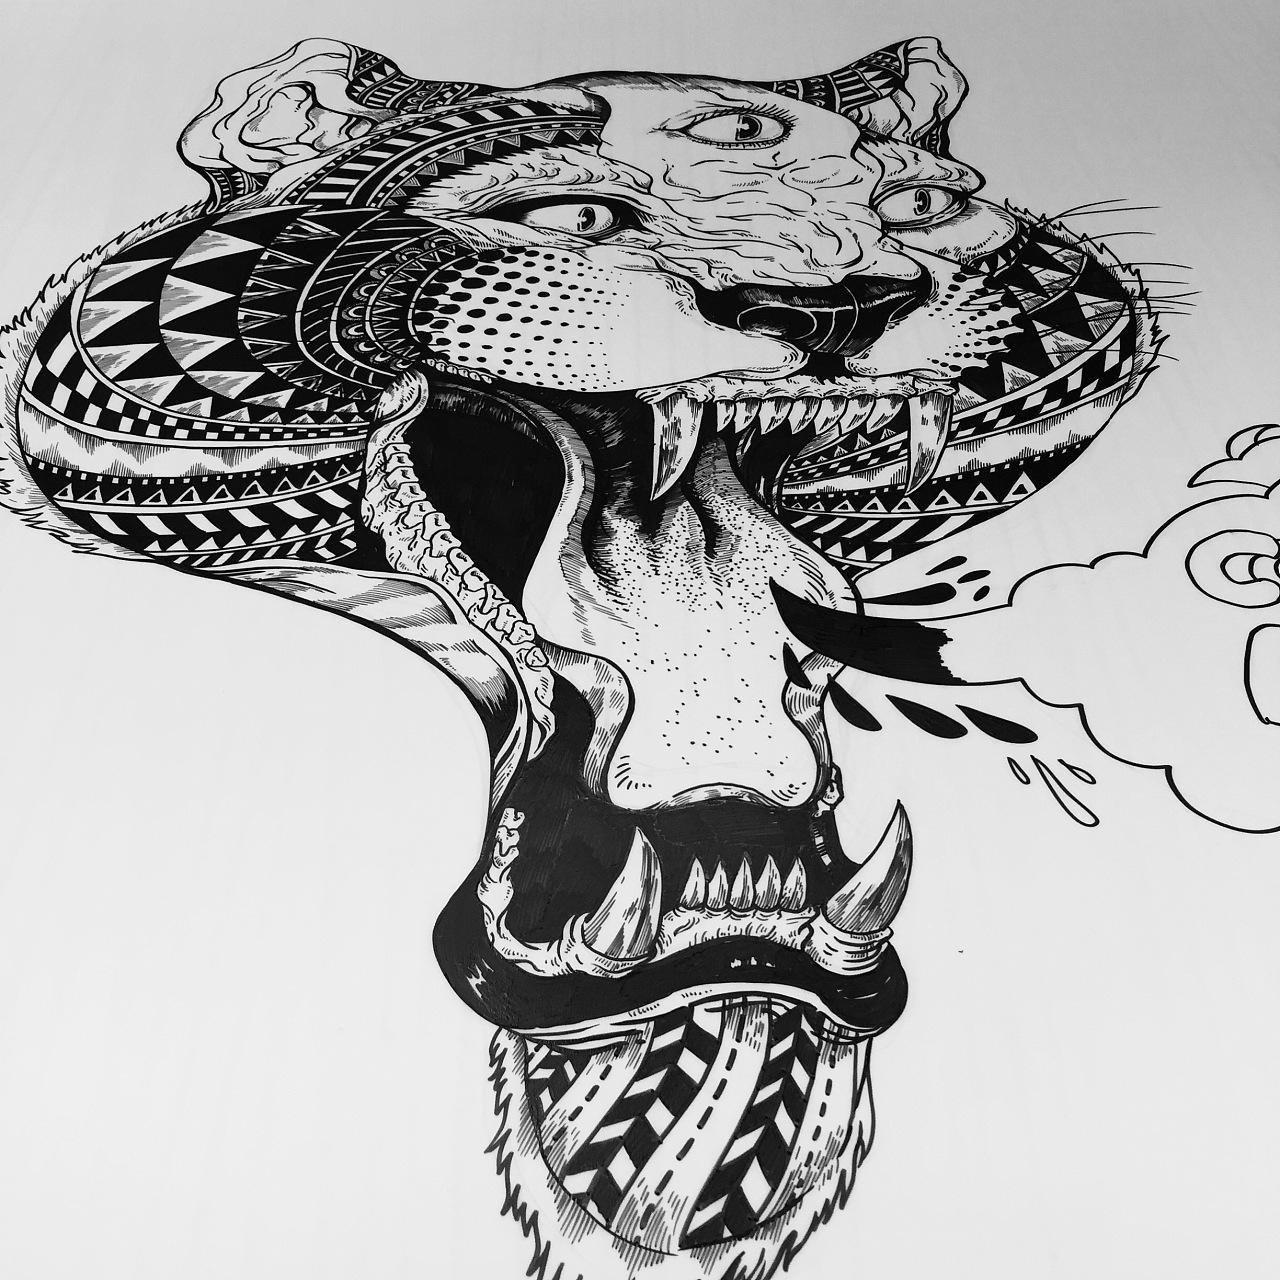 黑白植物线描装饰画_[ 临摹练习 ] 黑白线描装饰插画!|纯艺术|装置|干勾魚_Outsider ...